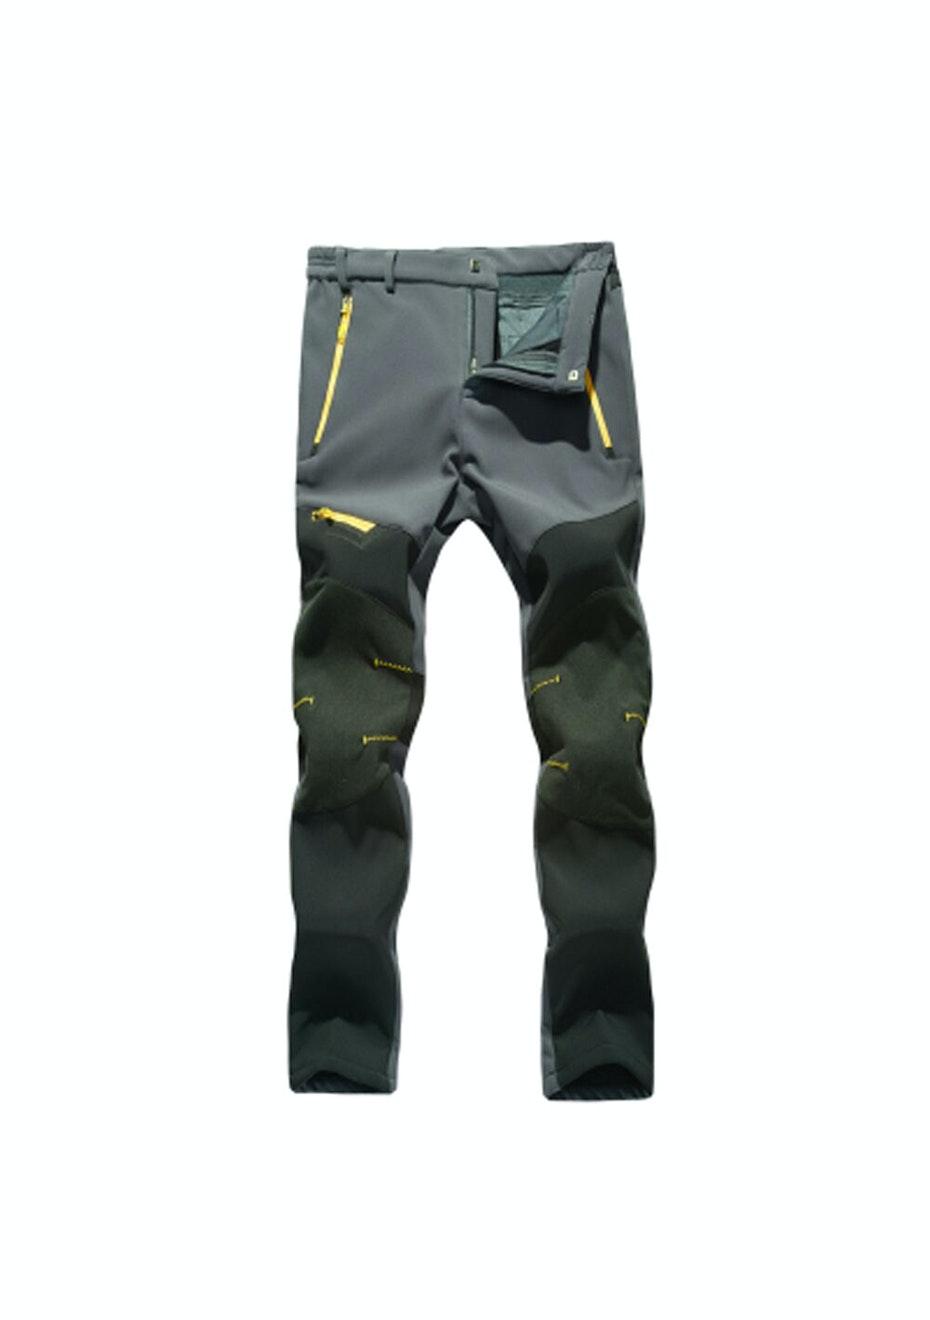 Women 2-in-1 WaterProof Pants - Grey